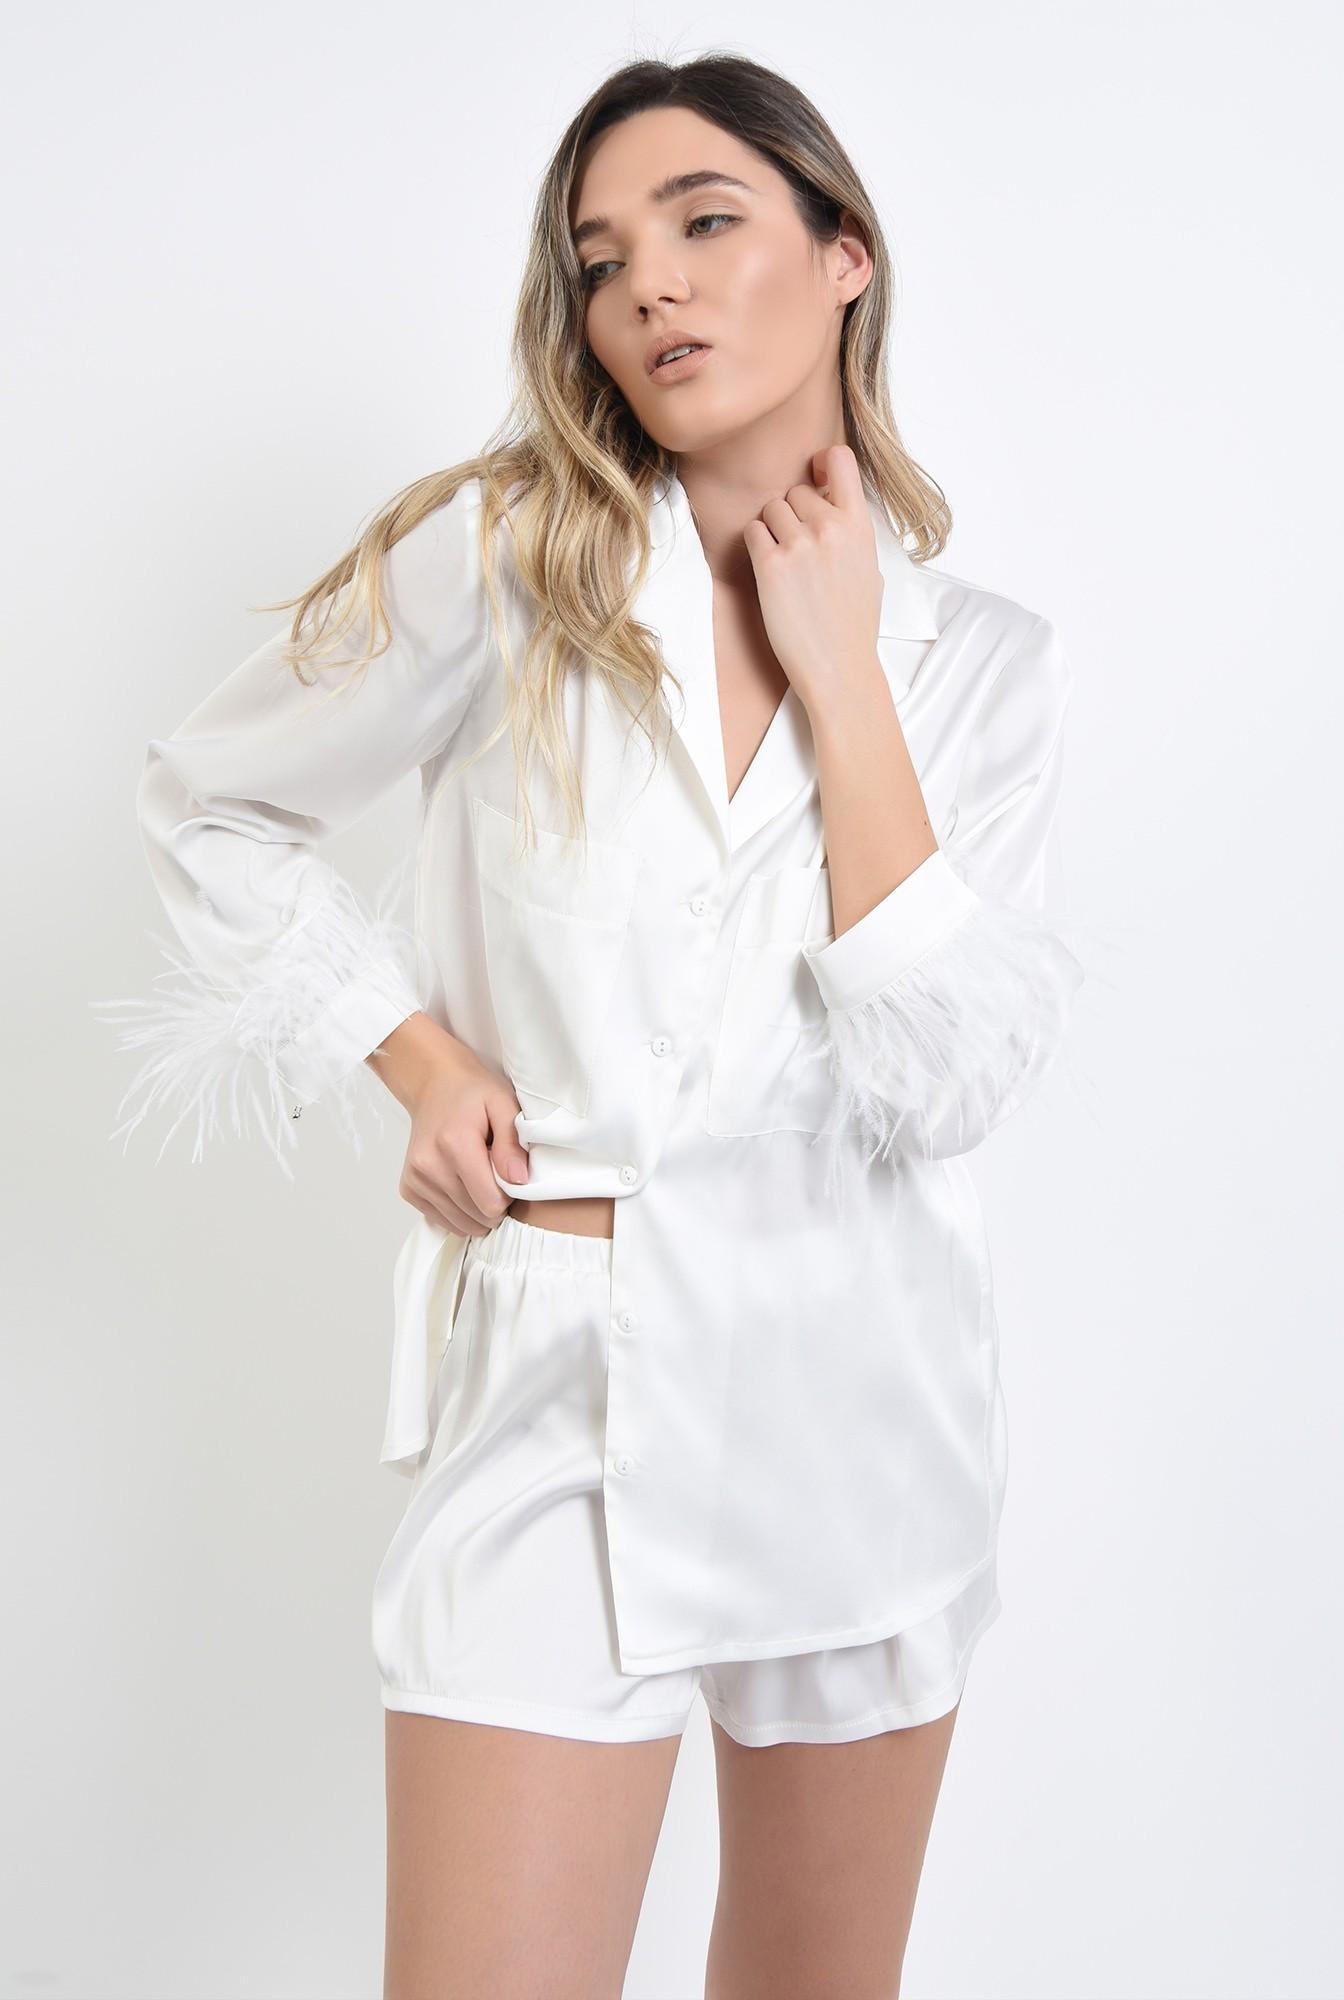 1 - pijama alba, din satin, cu pene de strut